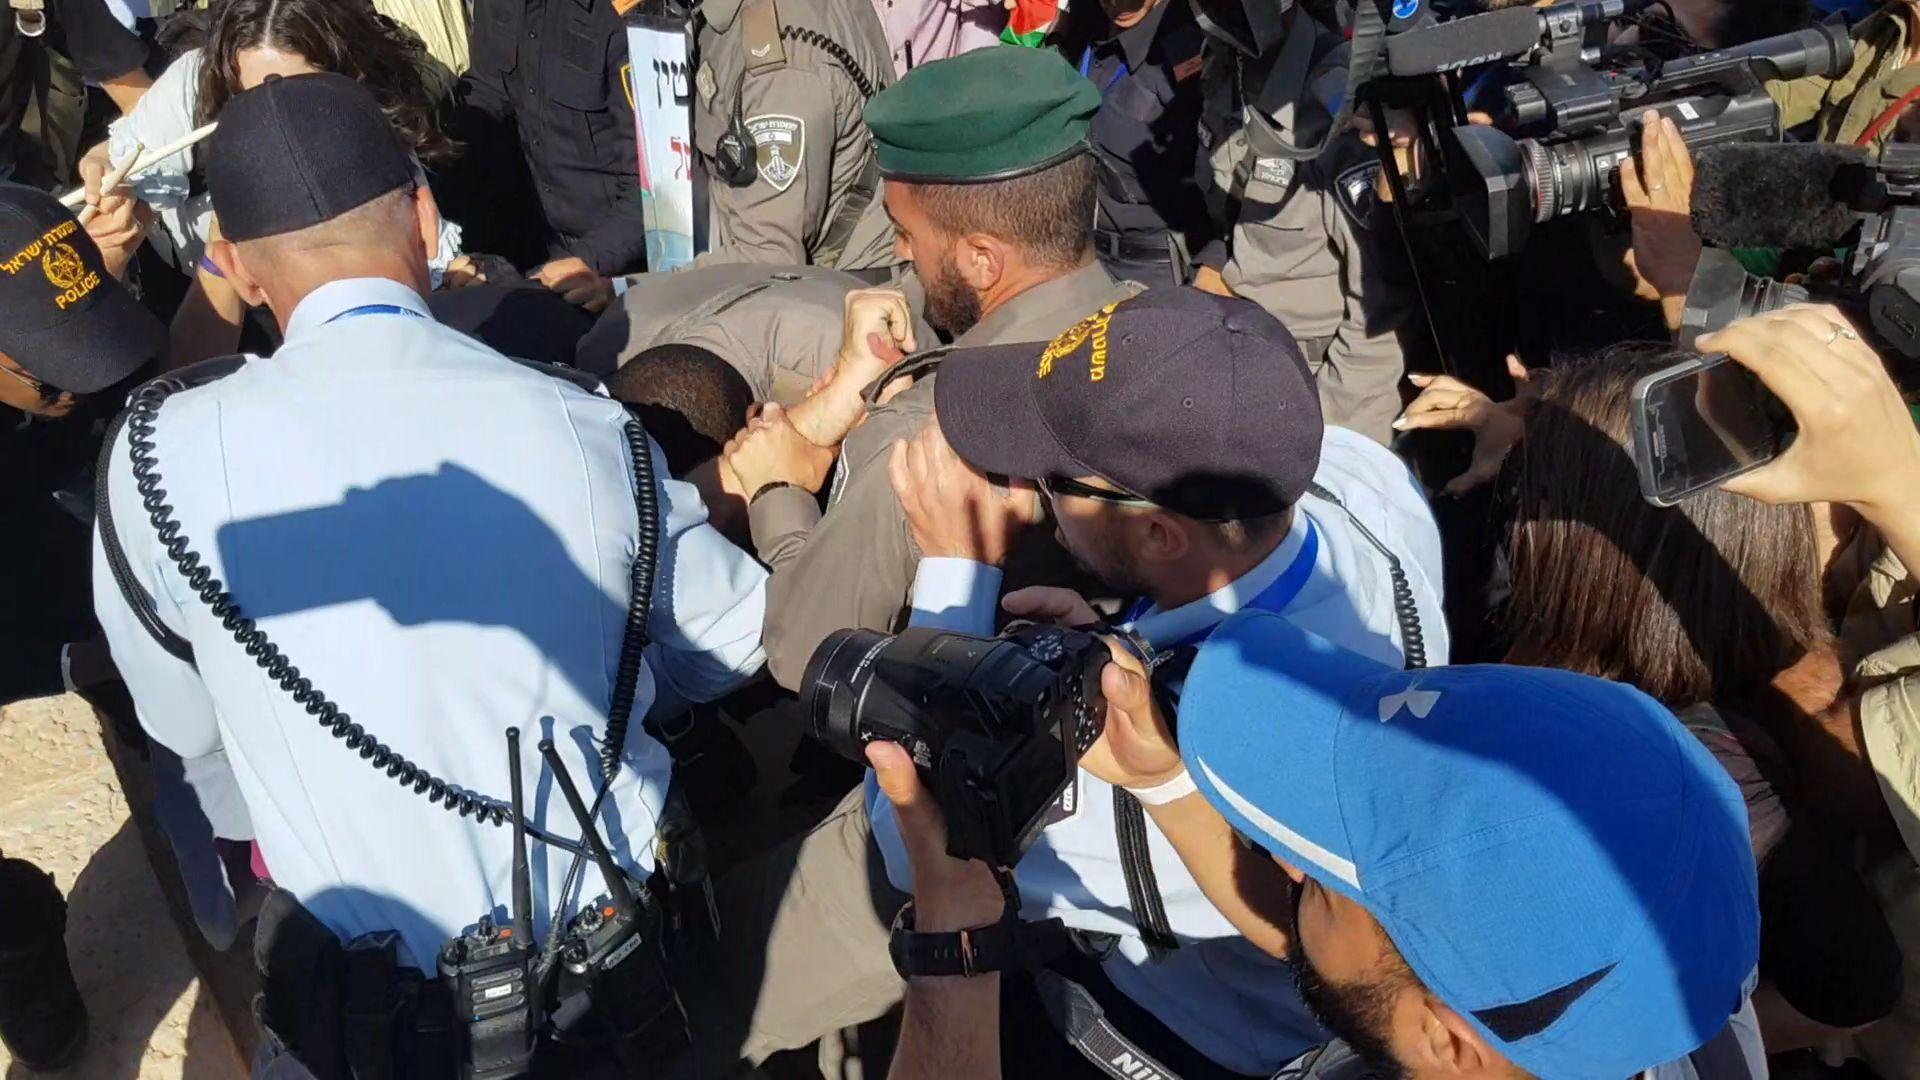 قيادات عربية: قمع في القدس وجرائم حرب في غزة